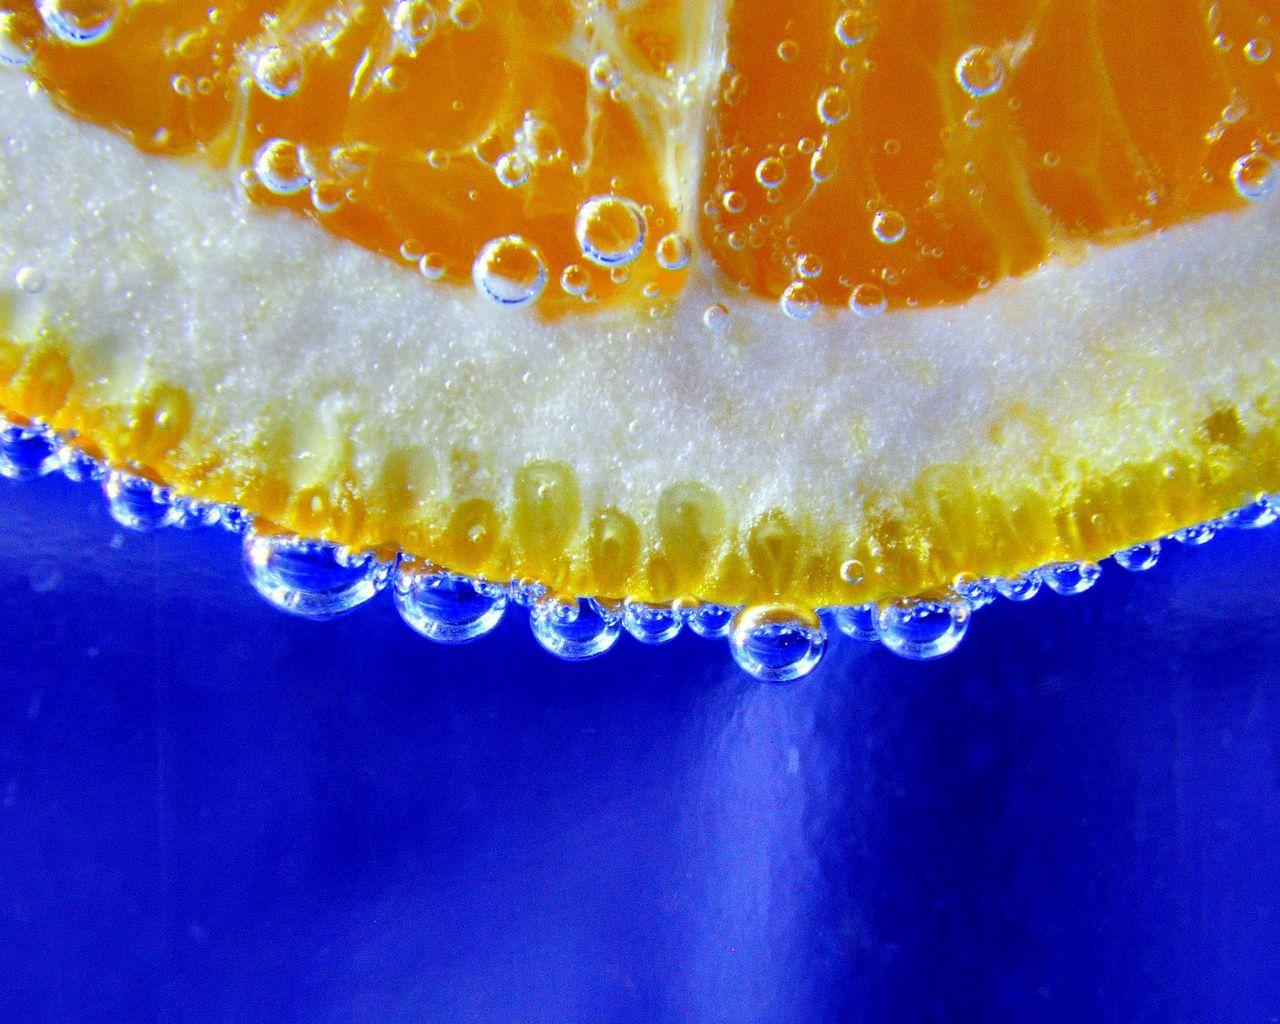 1280x1024 Wallpaper orange, slice, drop, macro